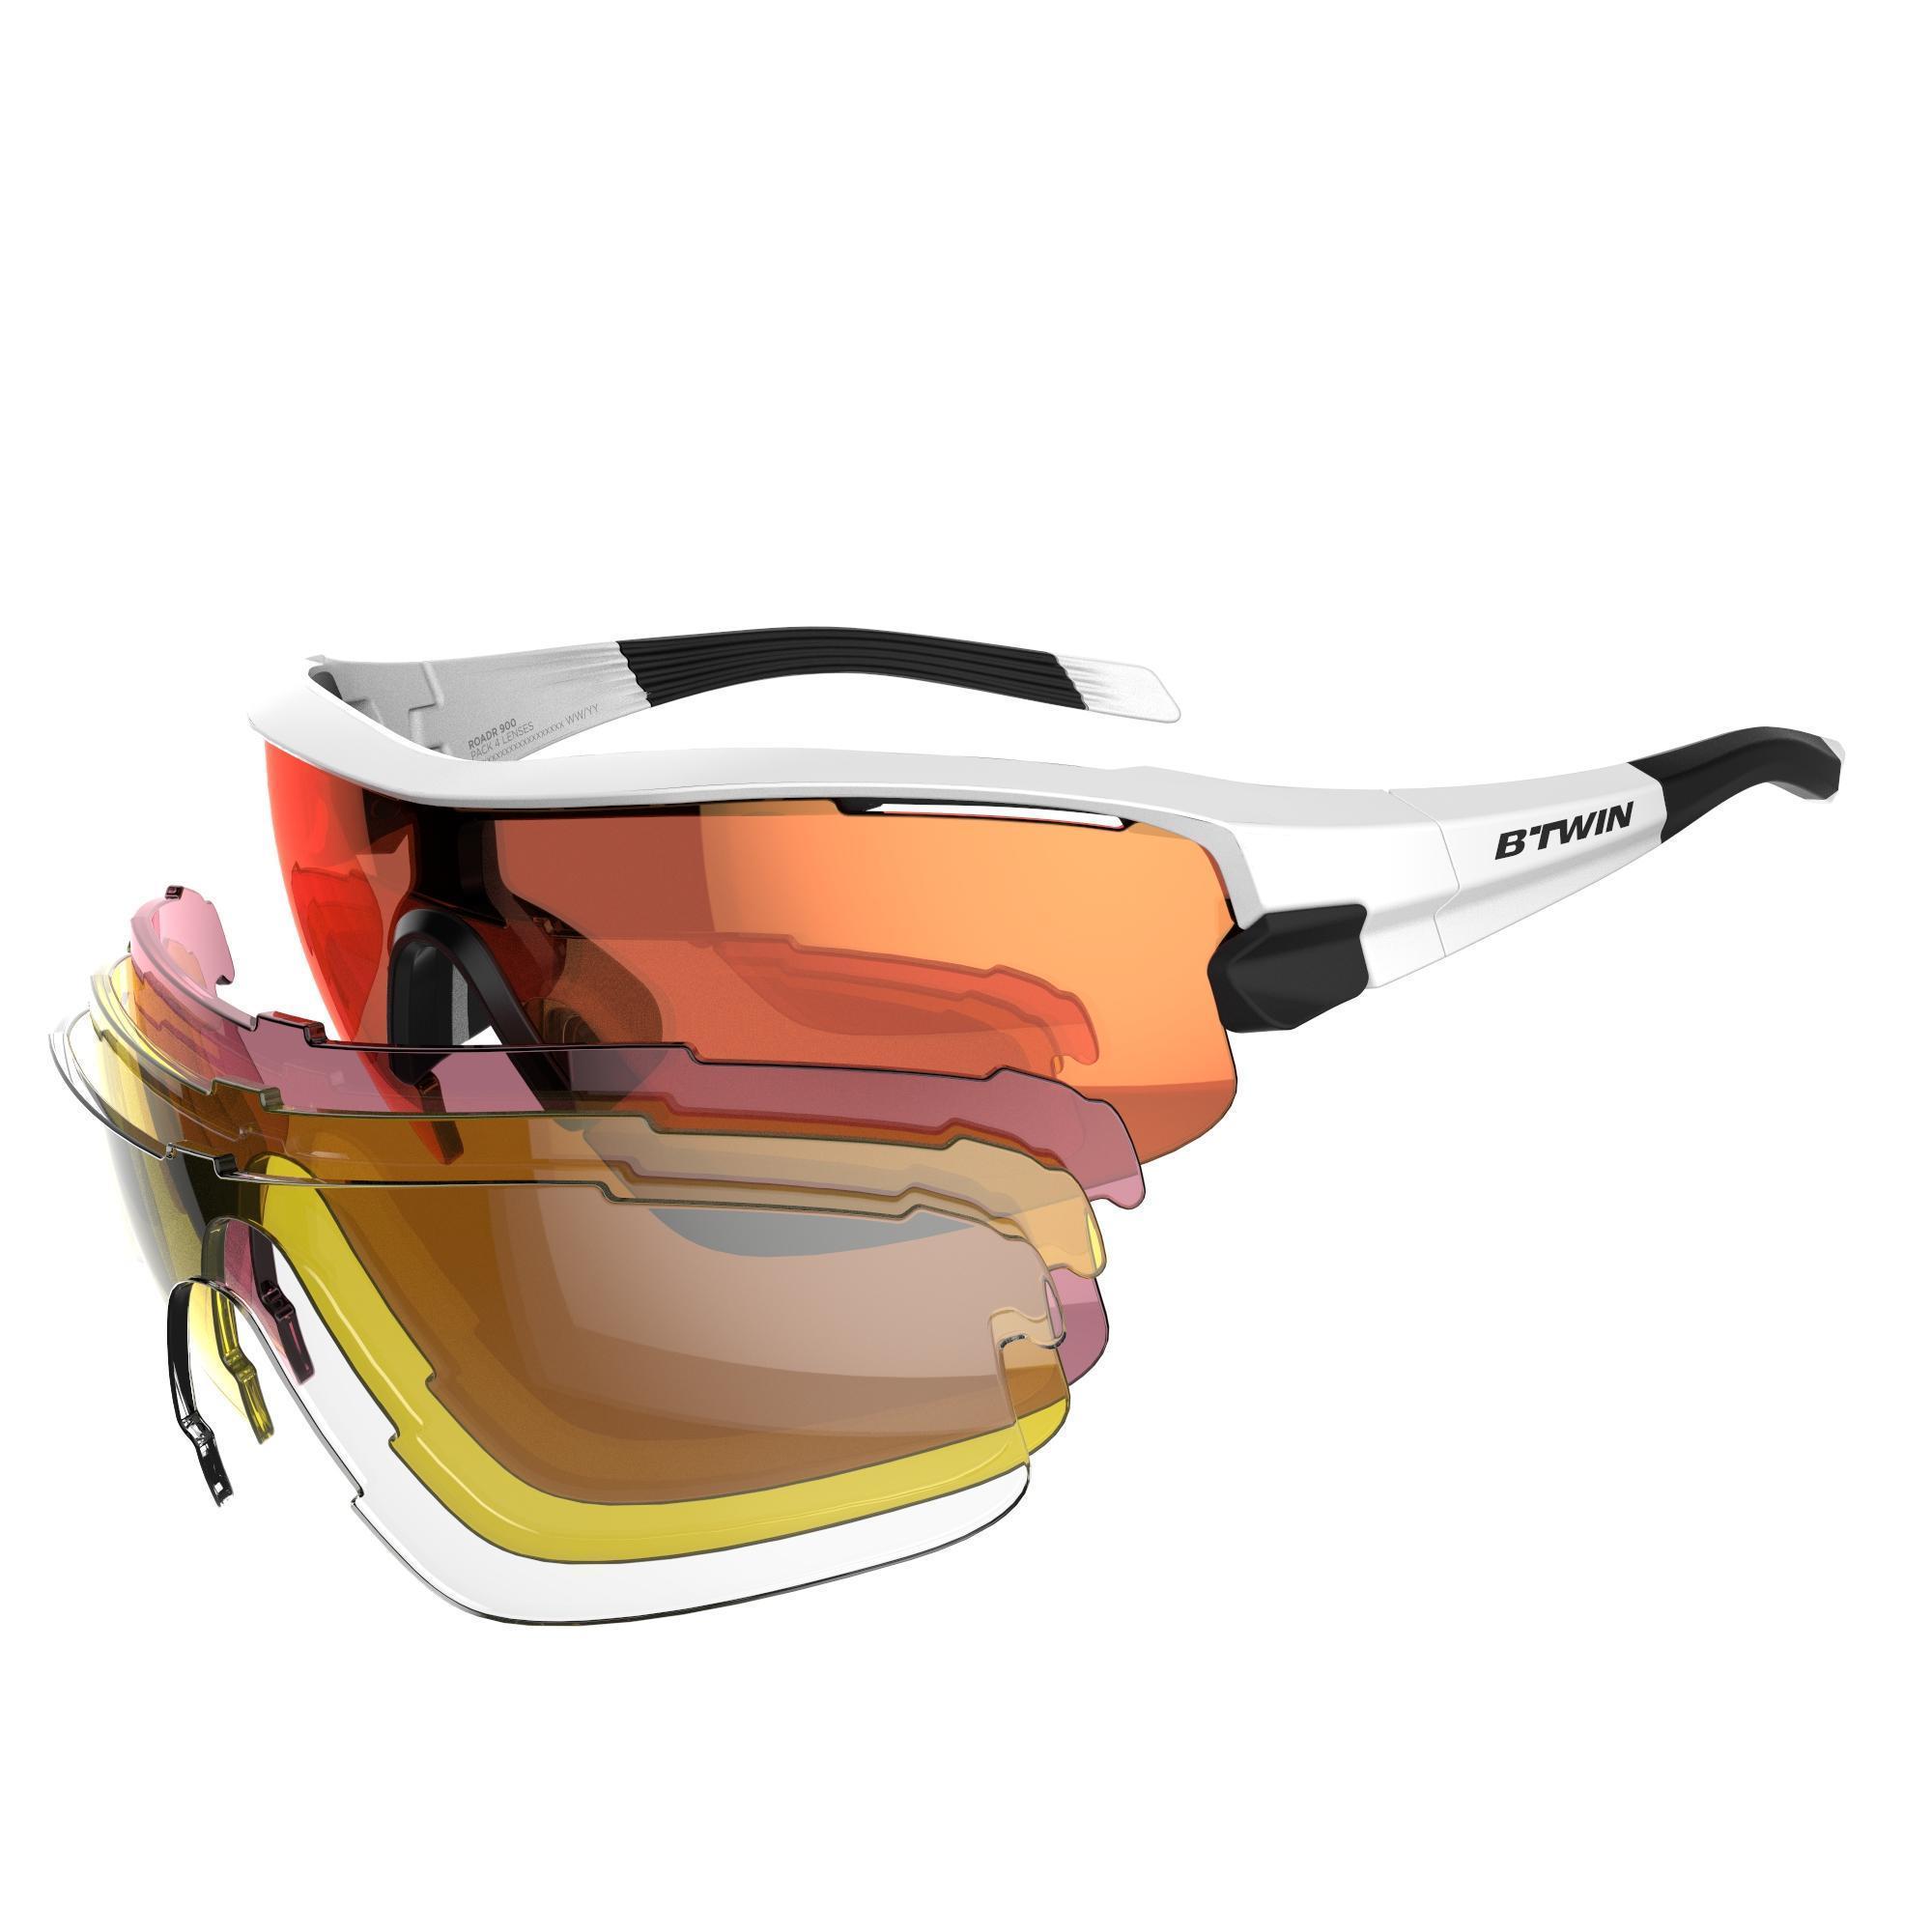 cdad4a4281 Gafas de ciclismo adulto ROADR 900 GREY PACK gris - 4 cristales  intercambiables B'twin | Decathlon